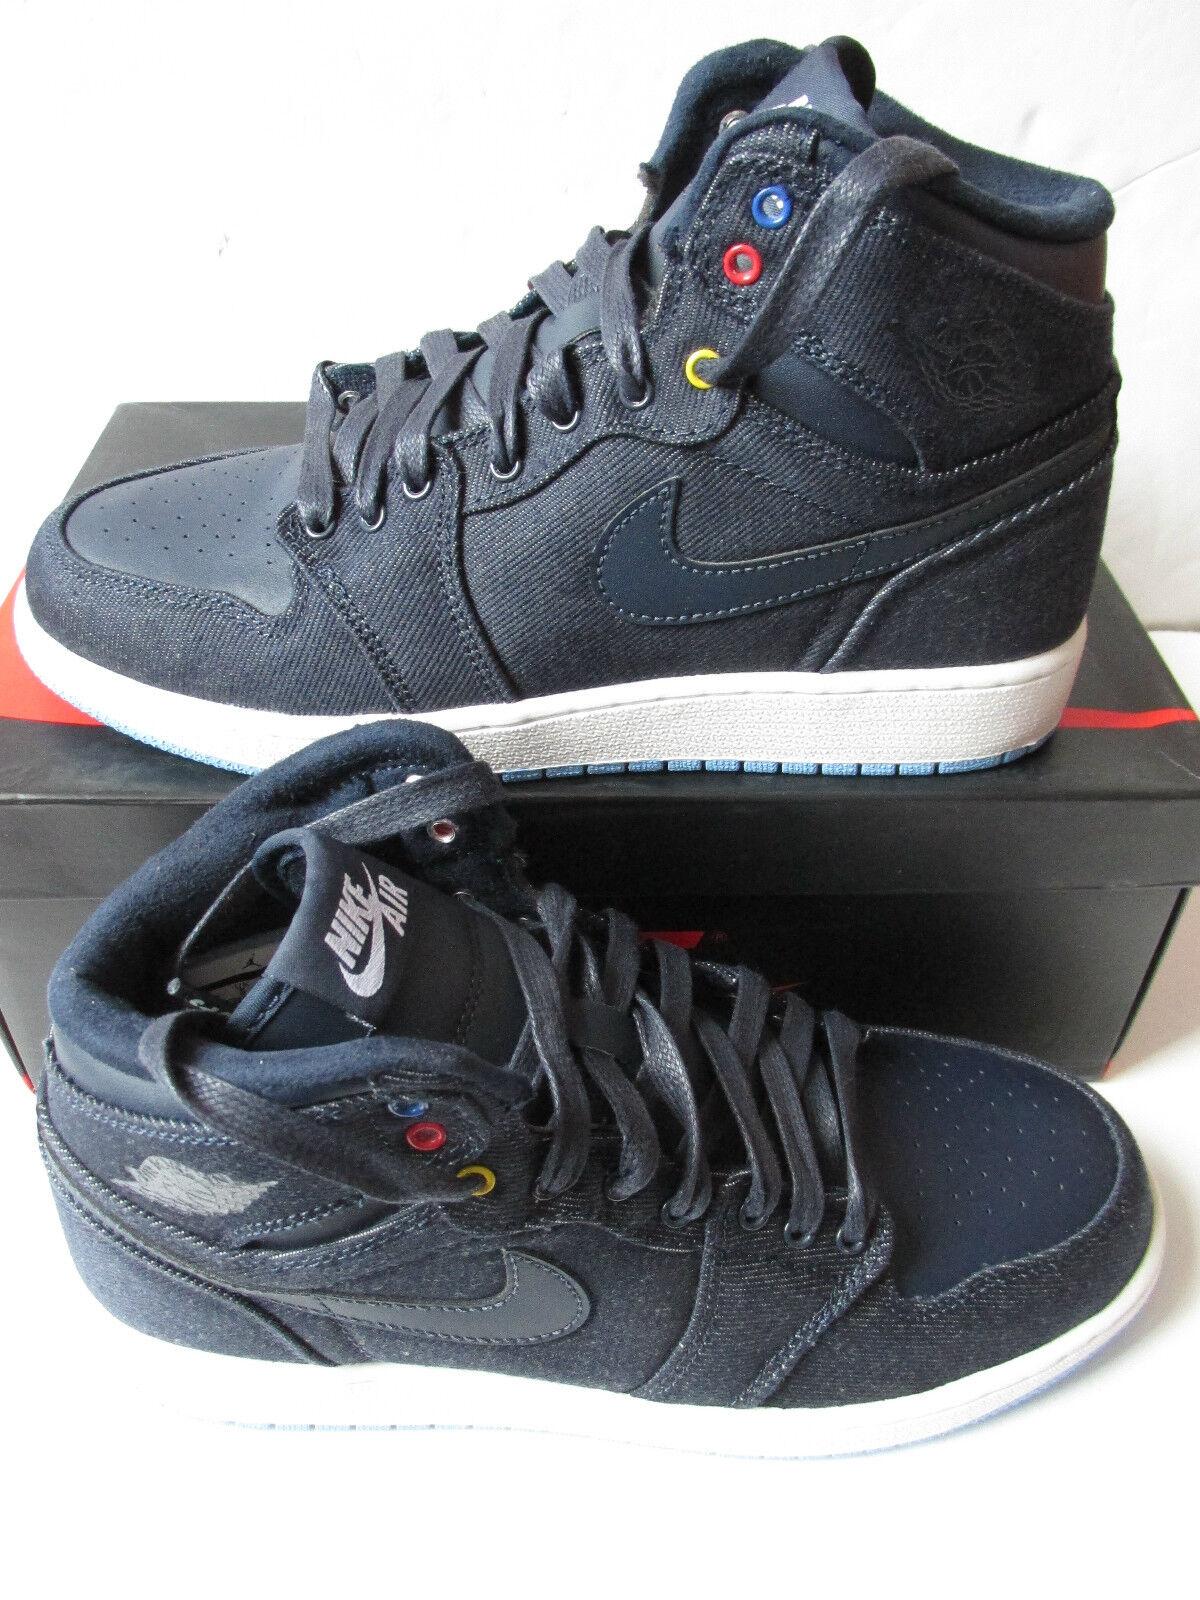 cd1eca43f0 Nike air jordan 1 retro high BG hi top trainers 682782 415 sneakers shoes